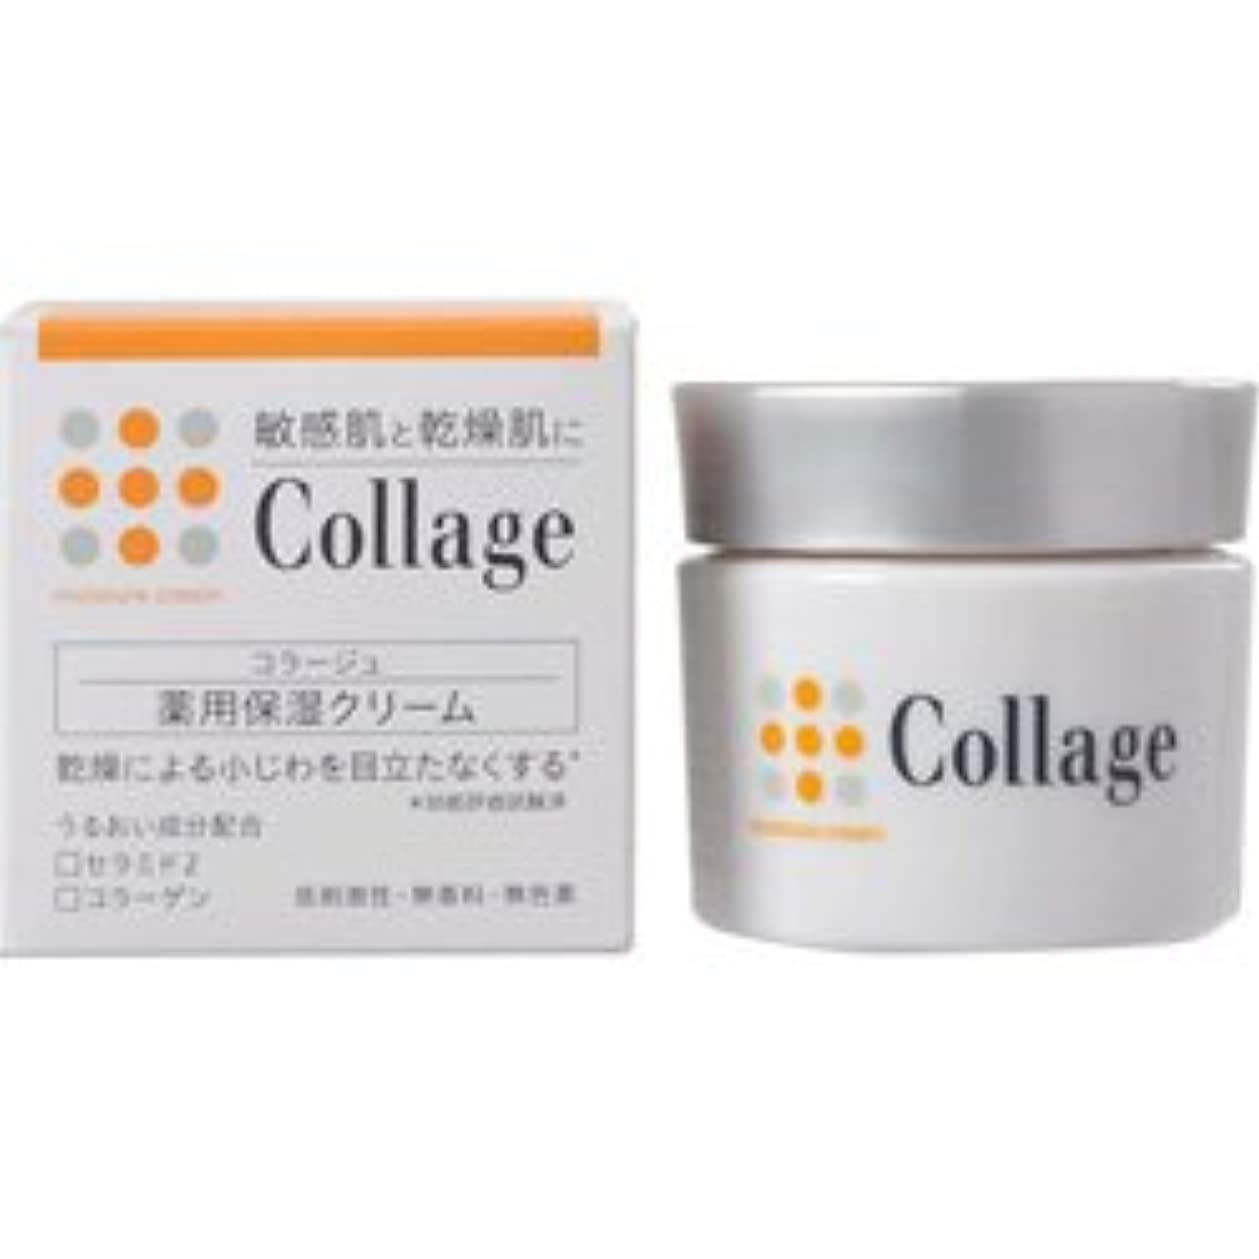 も製作省略する【持田ヘルスケア】 コラージュ薬用保湿クリーム 30g (医薬部外品) ×10個セット